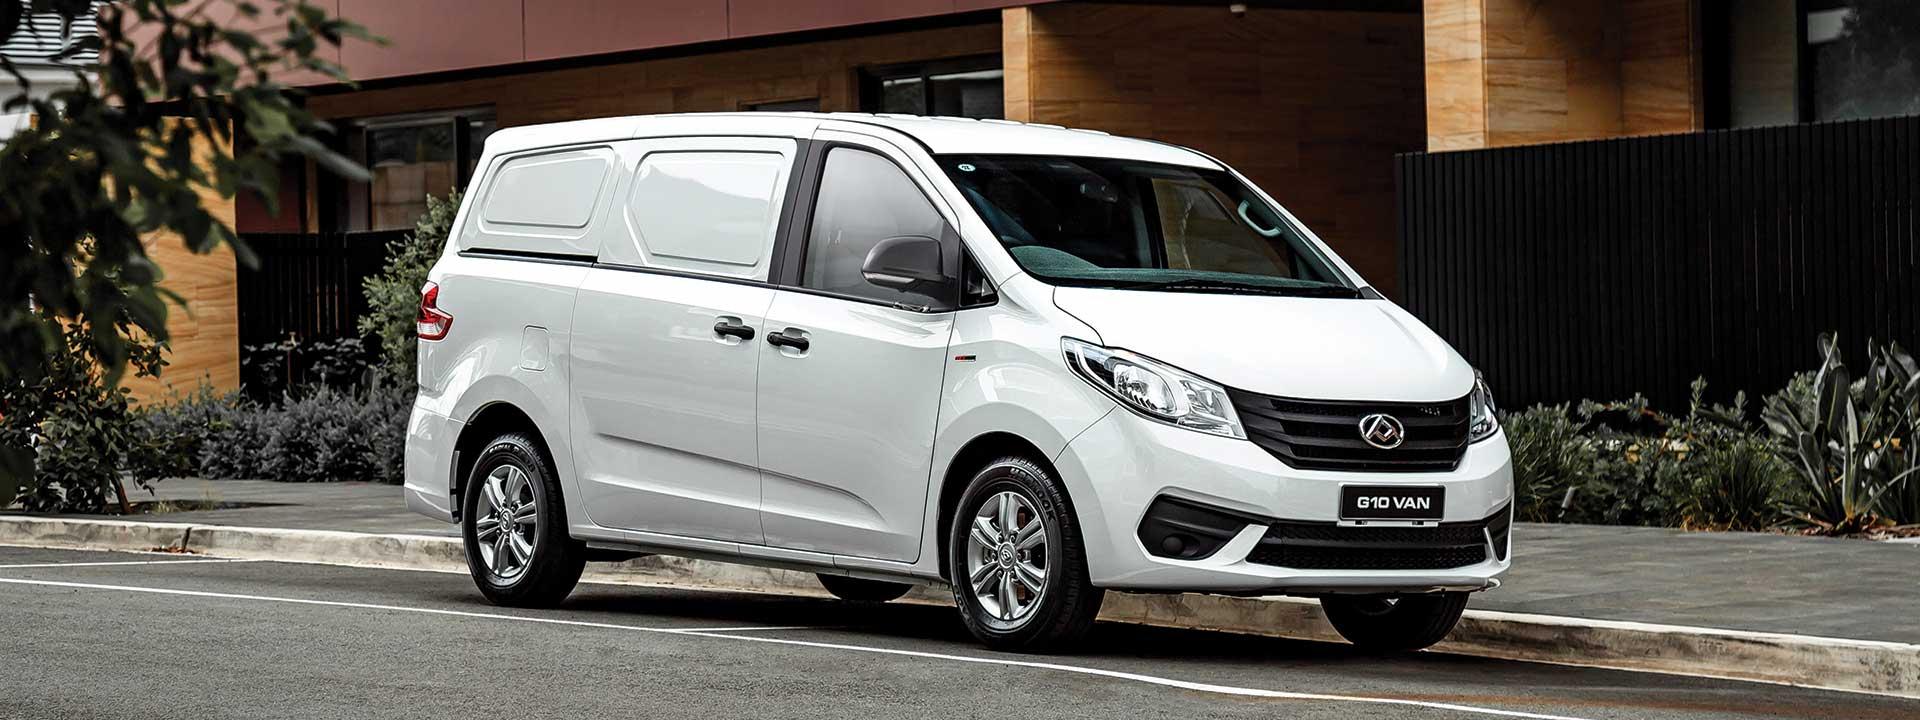 G10 Van Image